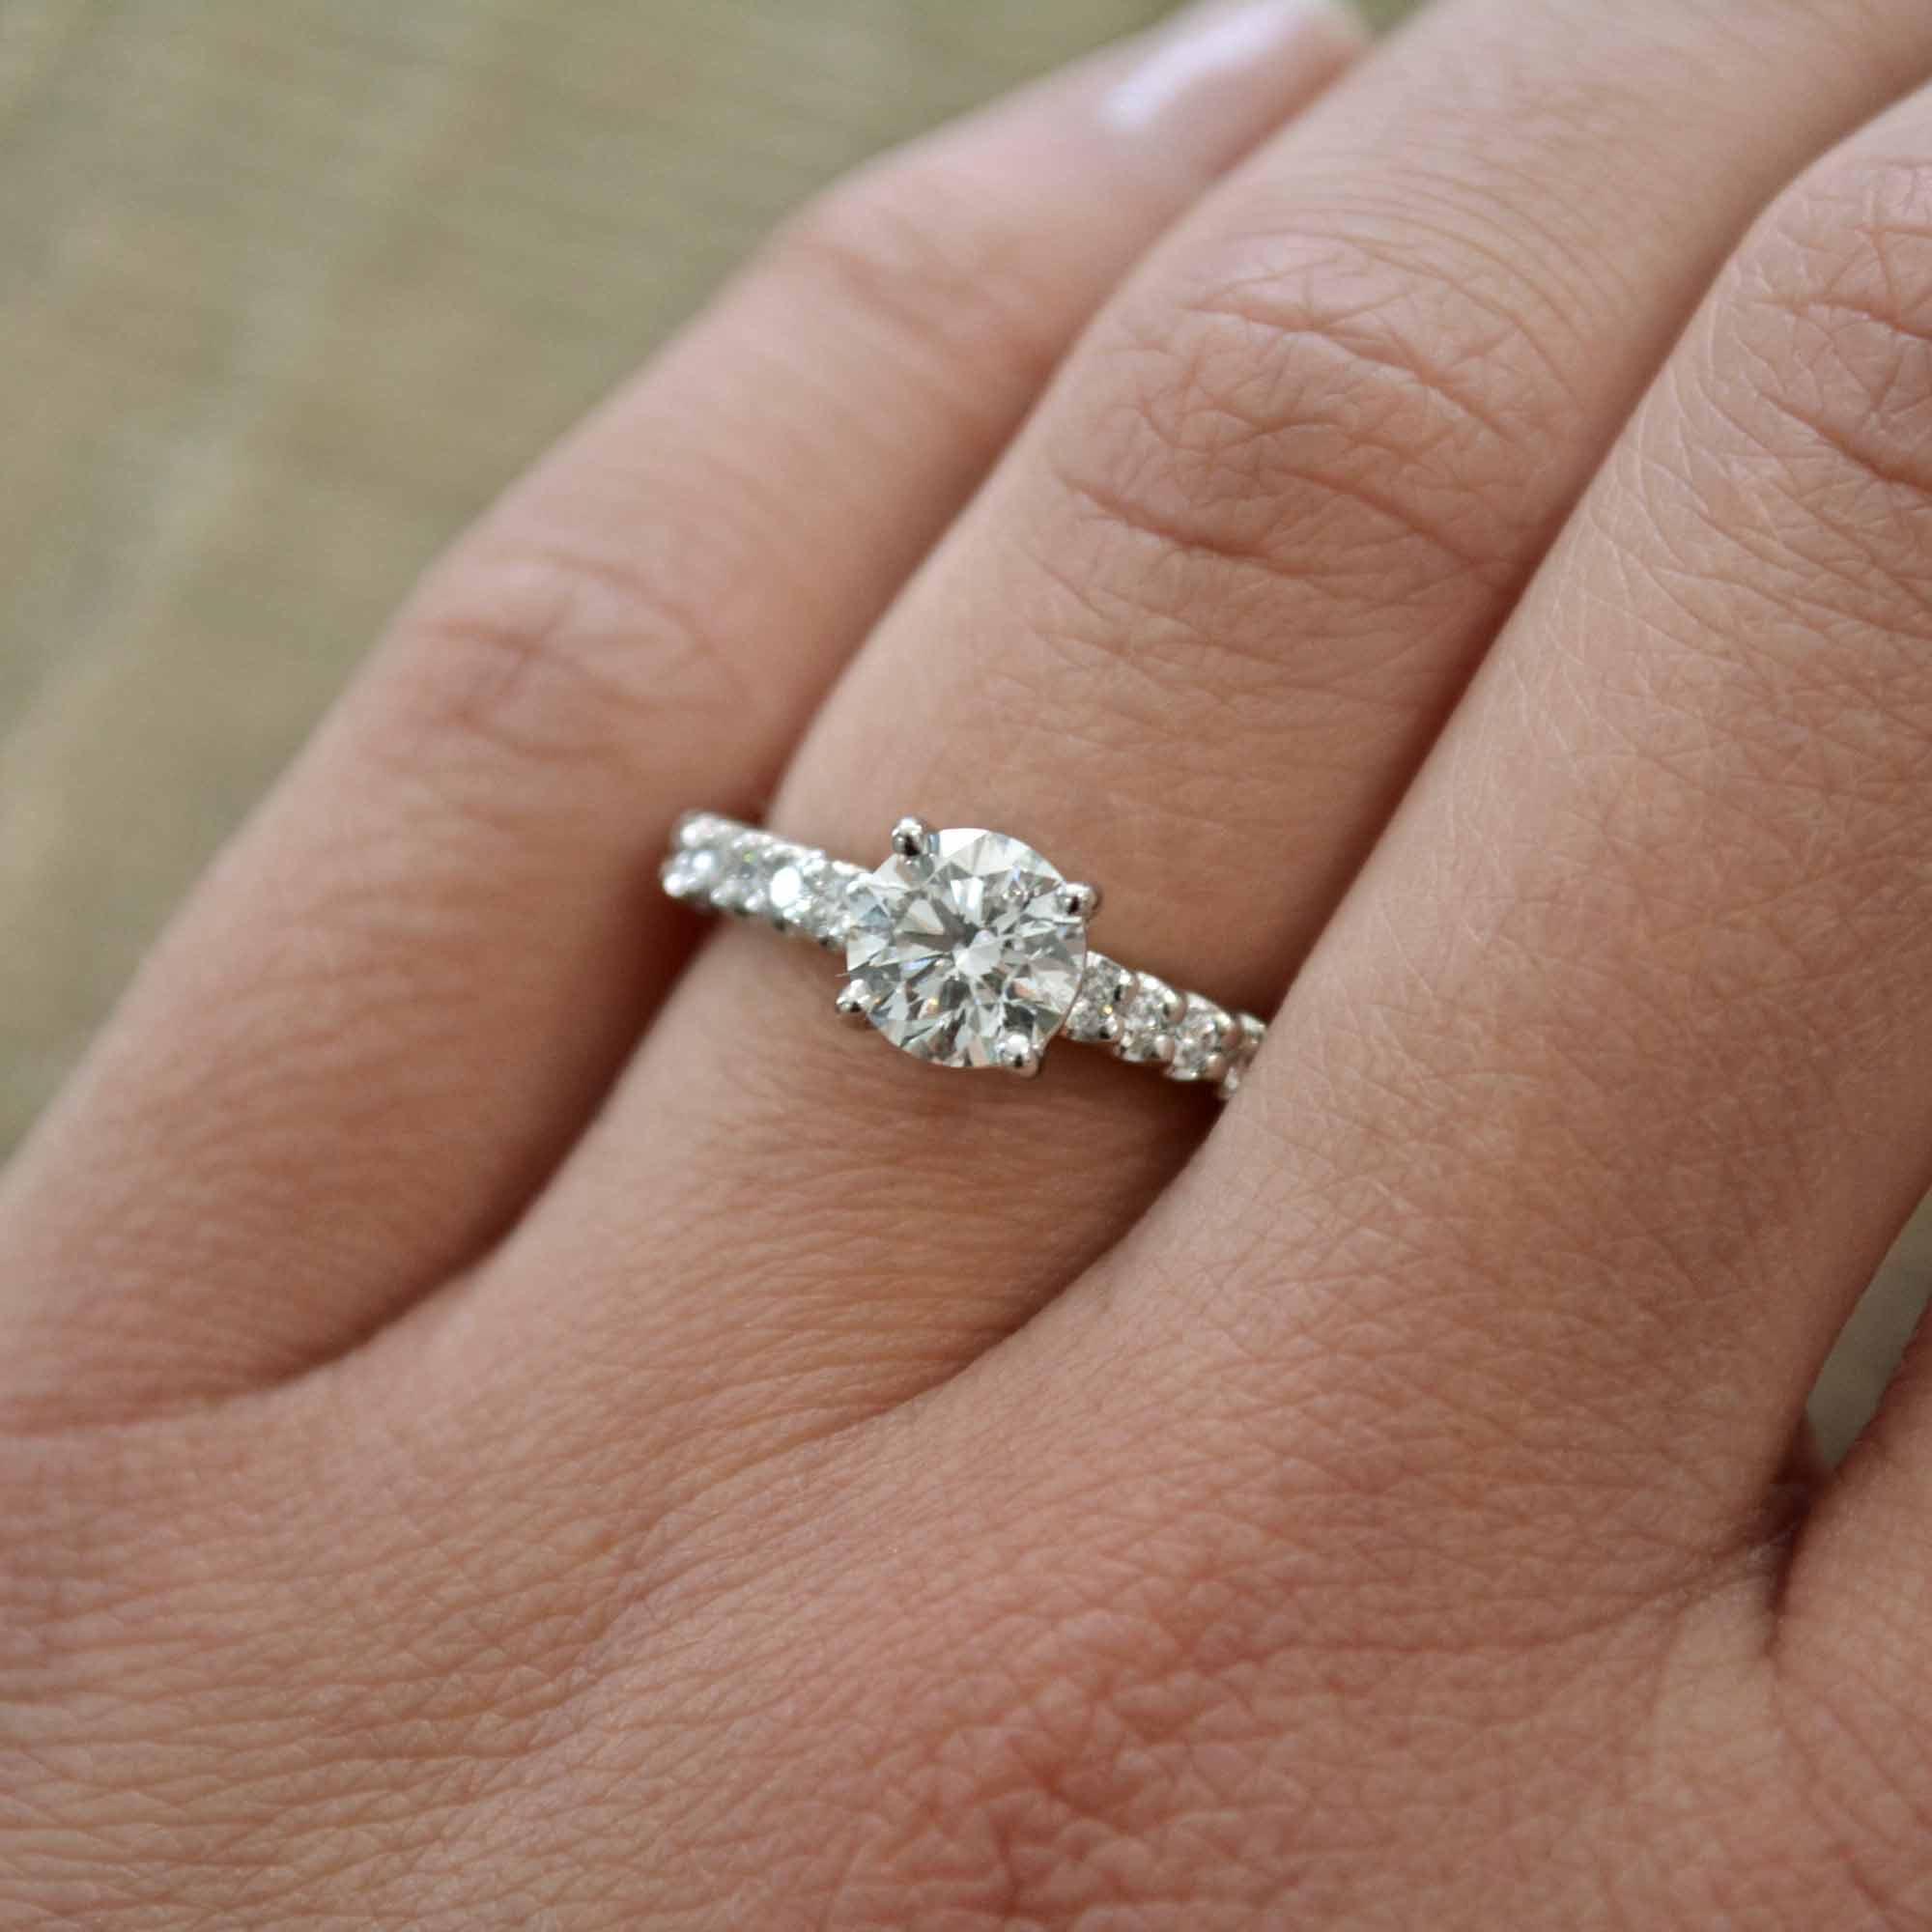 custom engagement rings online adelaide australia